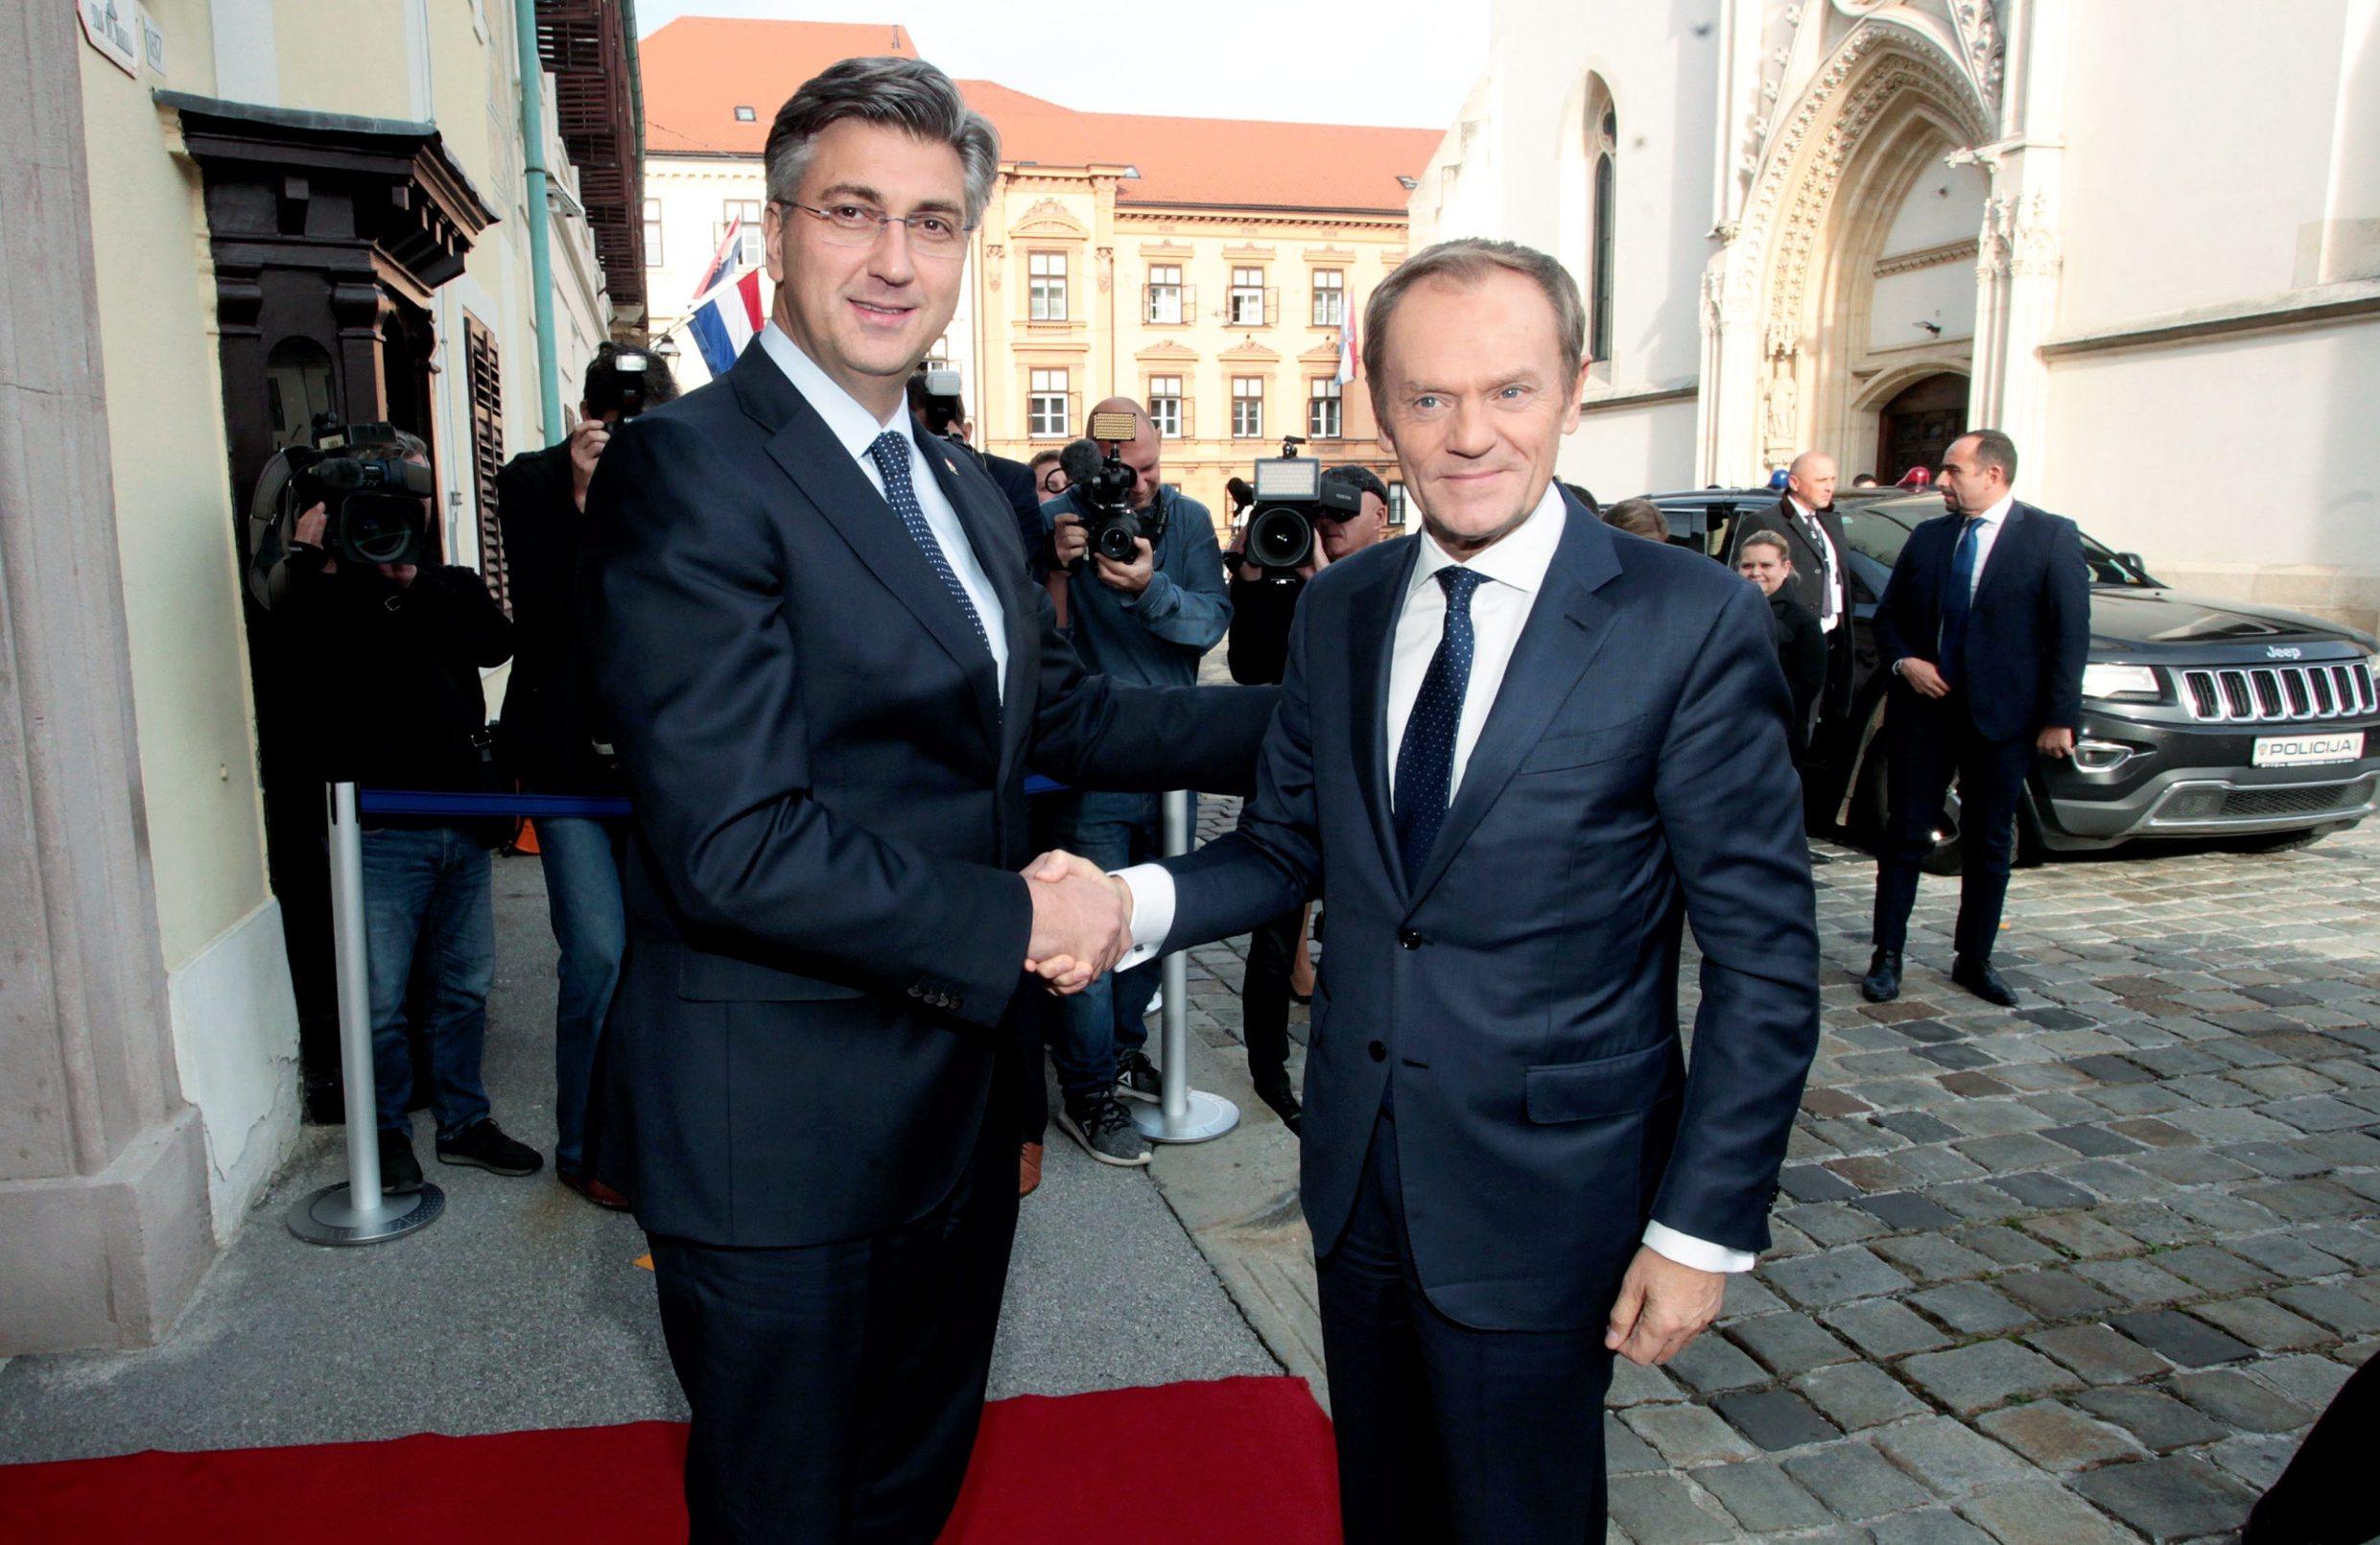 Sastanak predsjednika Vlade Andreja Plenkovića s predsjednikom Europskoga vijeća Donaldom Tuskom